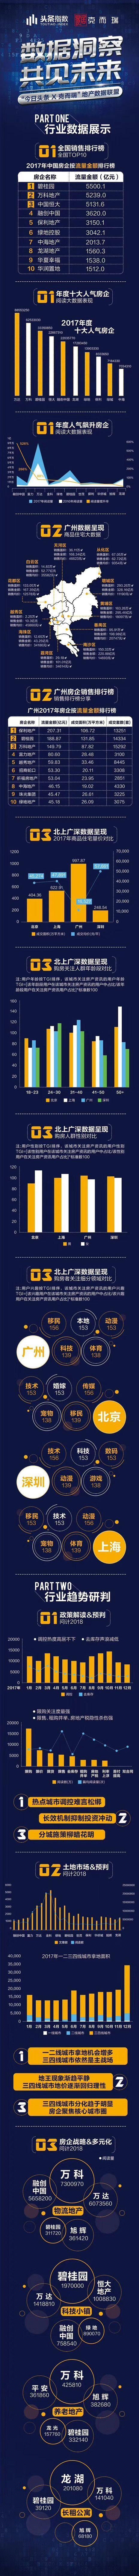 【数据】洞悉2018楼市热点 华南地产数据联盟曝光跨界大数据